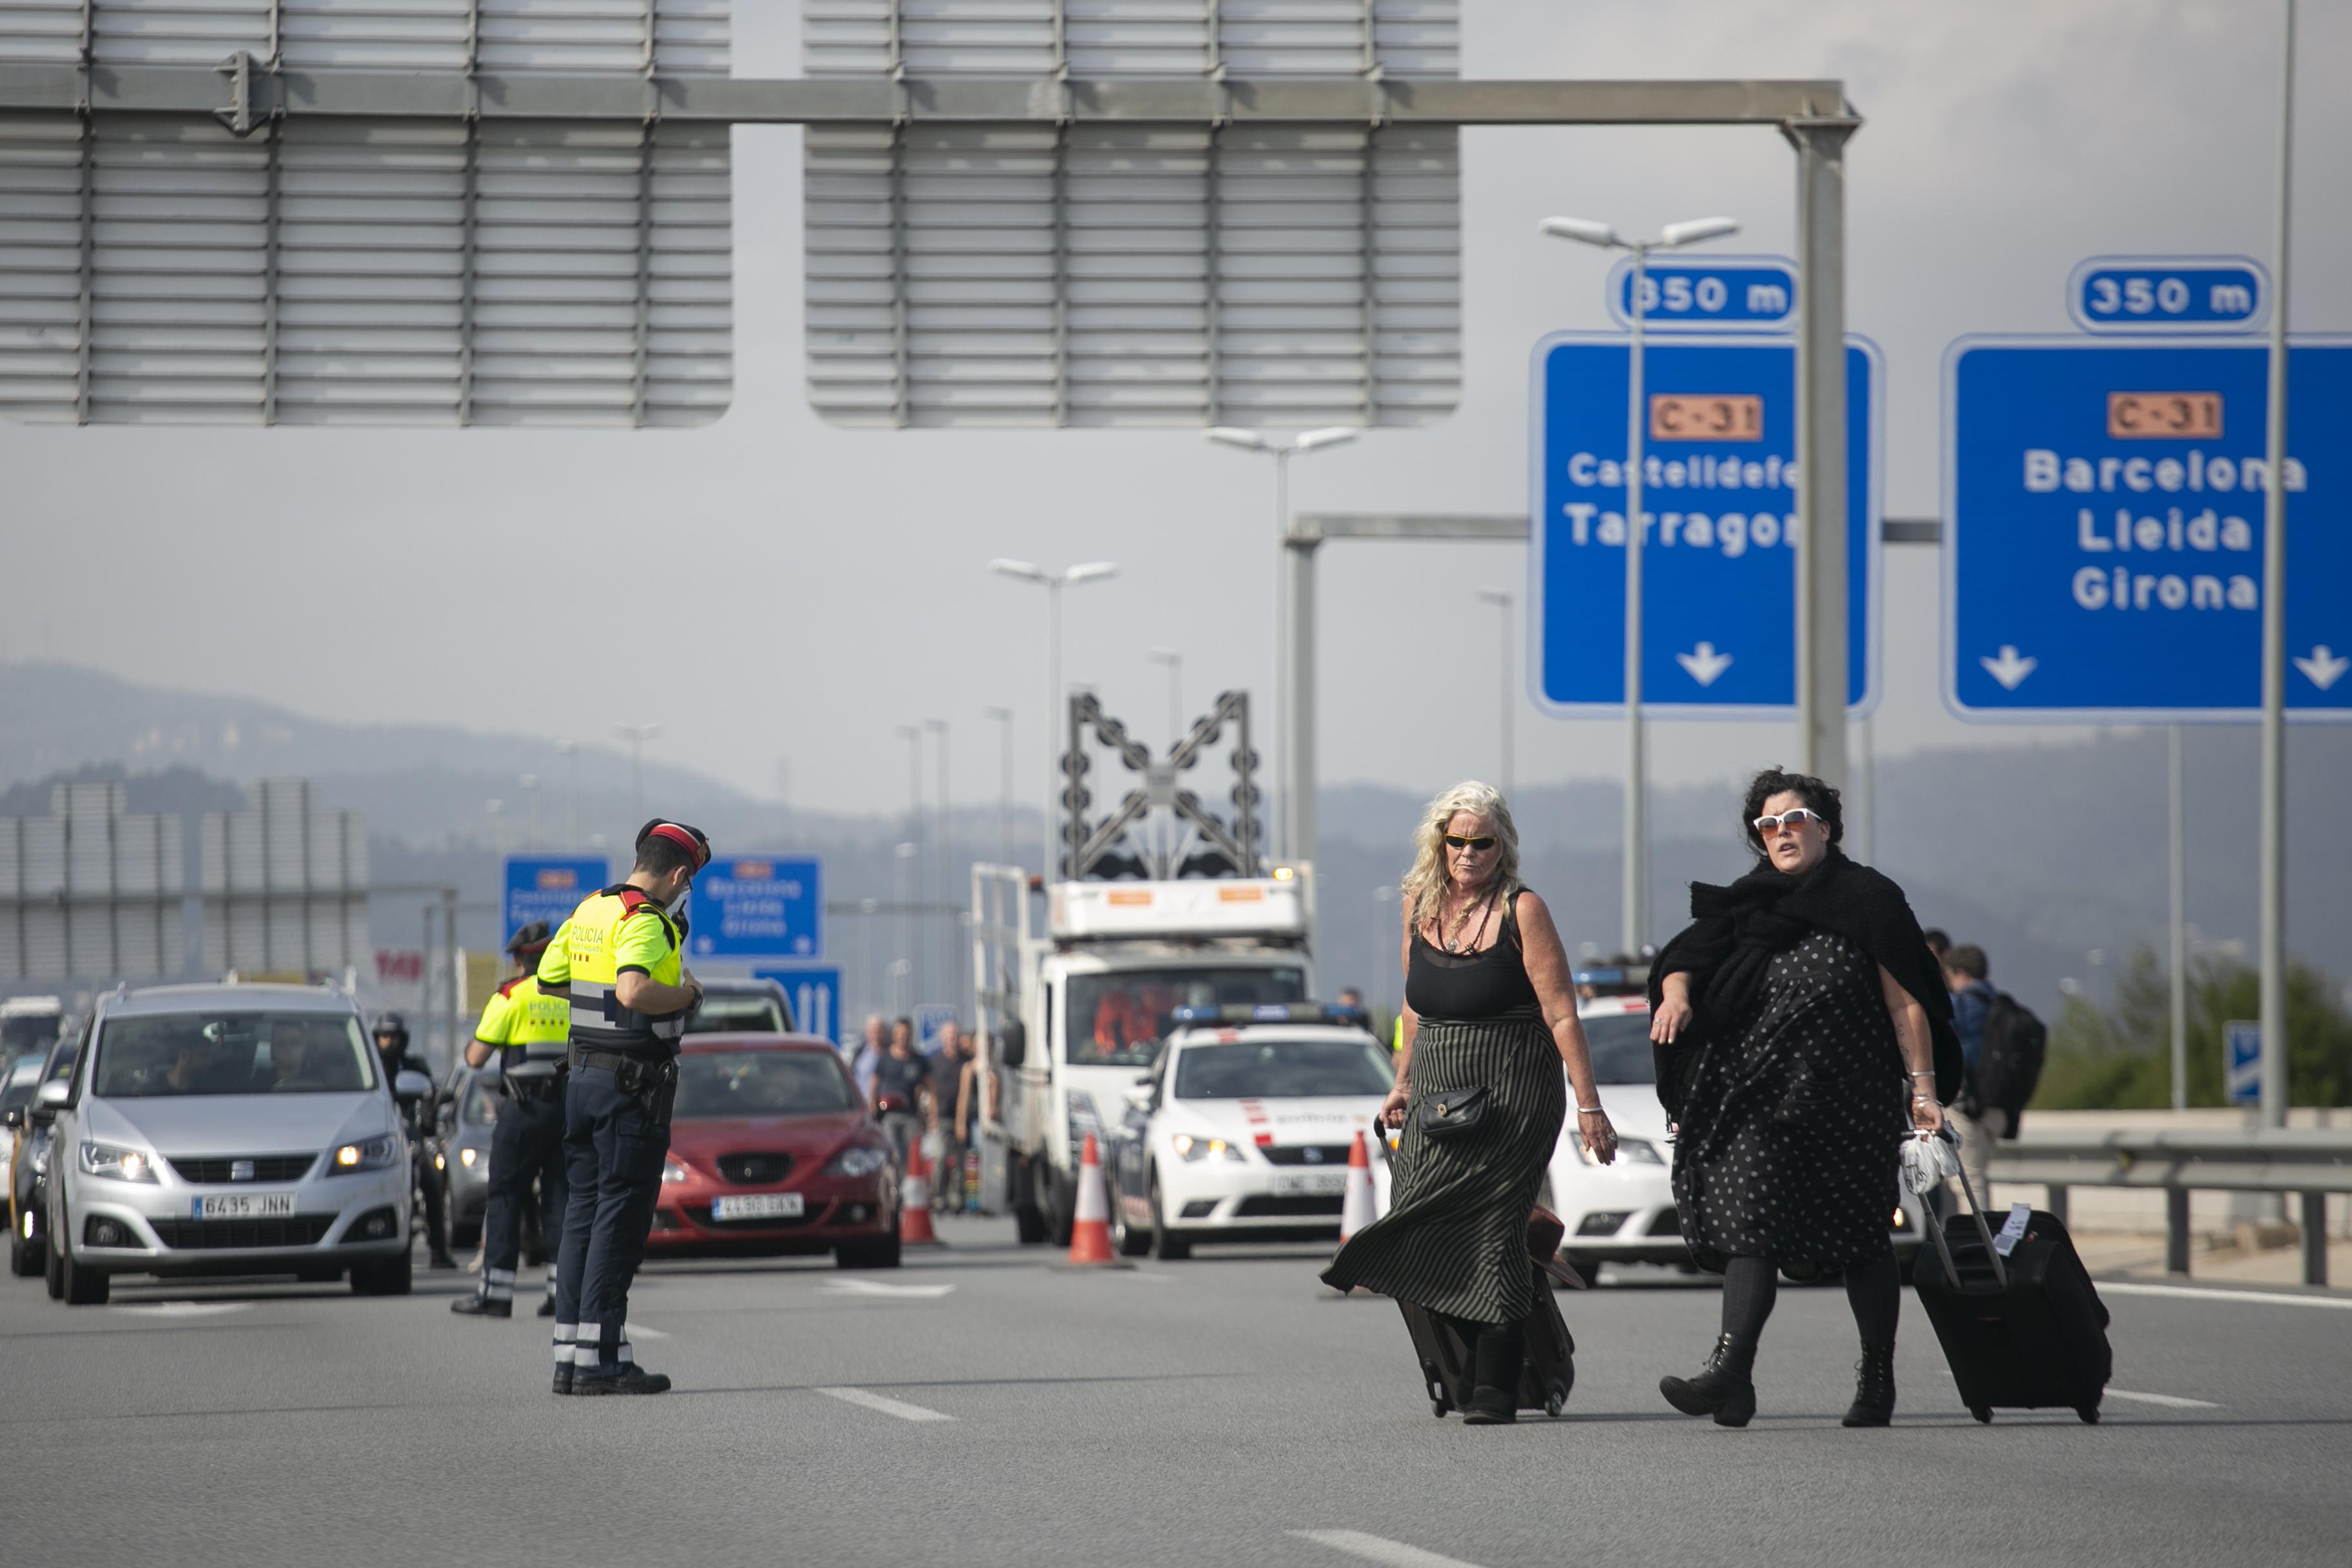 Sentencia_Aeroport_006